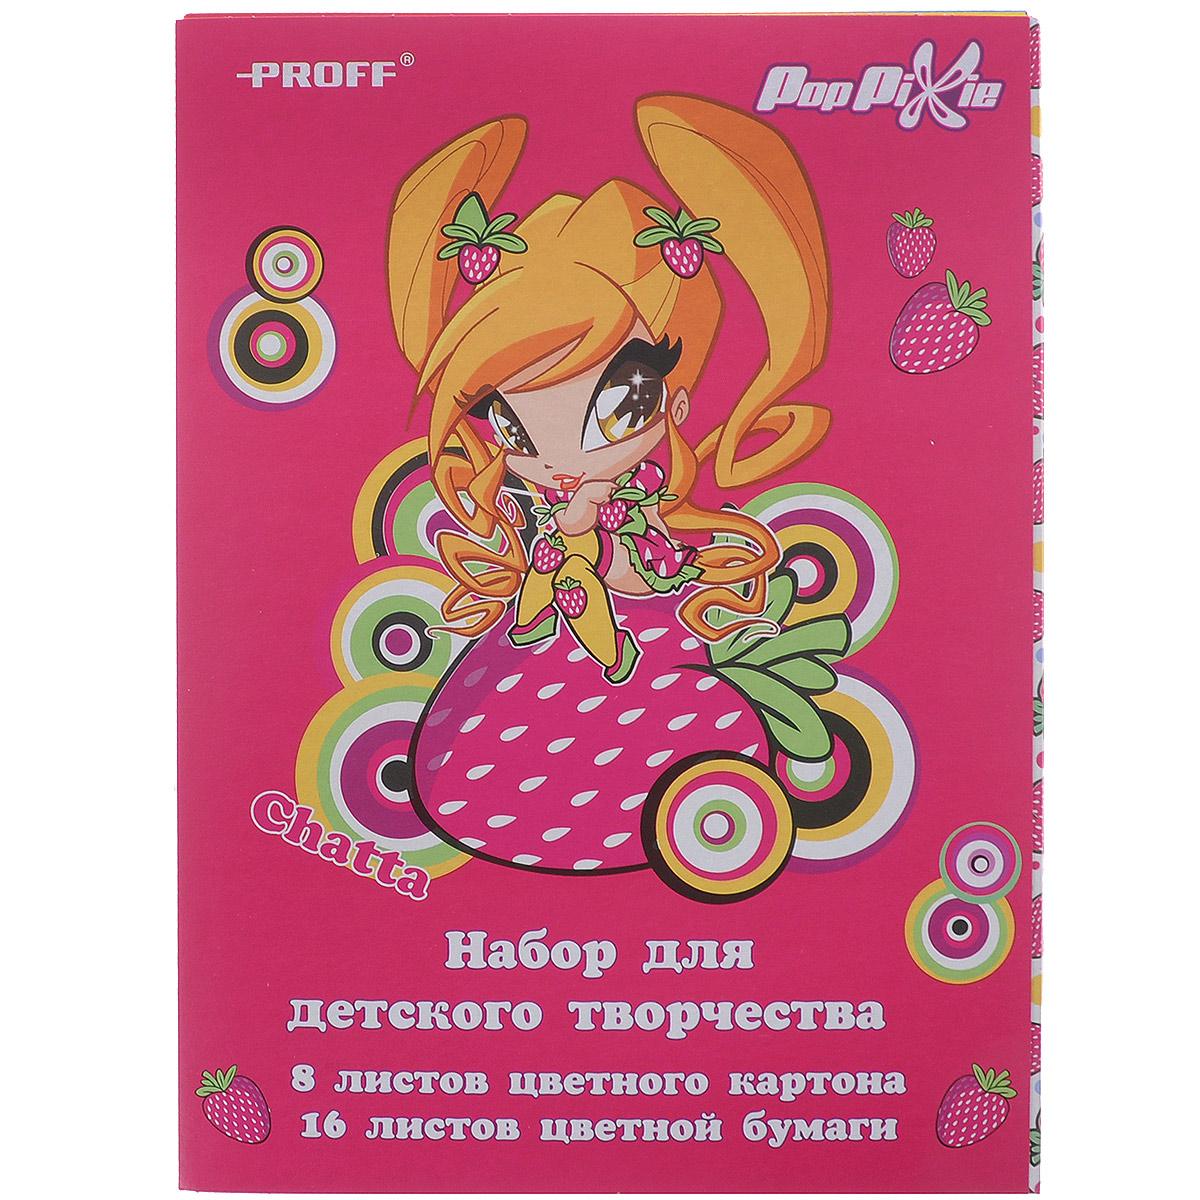 Набор для детского творчества Proff PopPixiePP15-CCPS24Набор для детского творчества Proff PopPixie содержит 8 листов цветного мелованного картона и 16 листов цветной бумаги следующих цветов: желтого, красного, коричневого, малинового, оранжевого, зеленого, черного, синего, белого.Создание поделок из цветной бумаги и картона - это увлекательнейший процесс, способствующий развитию у ребенка фантазии и творческого мышления. Набор упакован в картонную папку с цветным изображением прекрасной Пикси-Чатты.